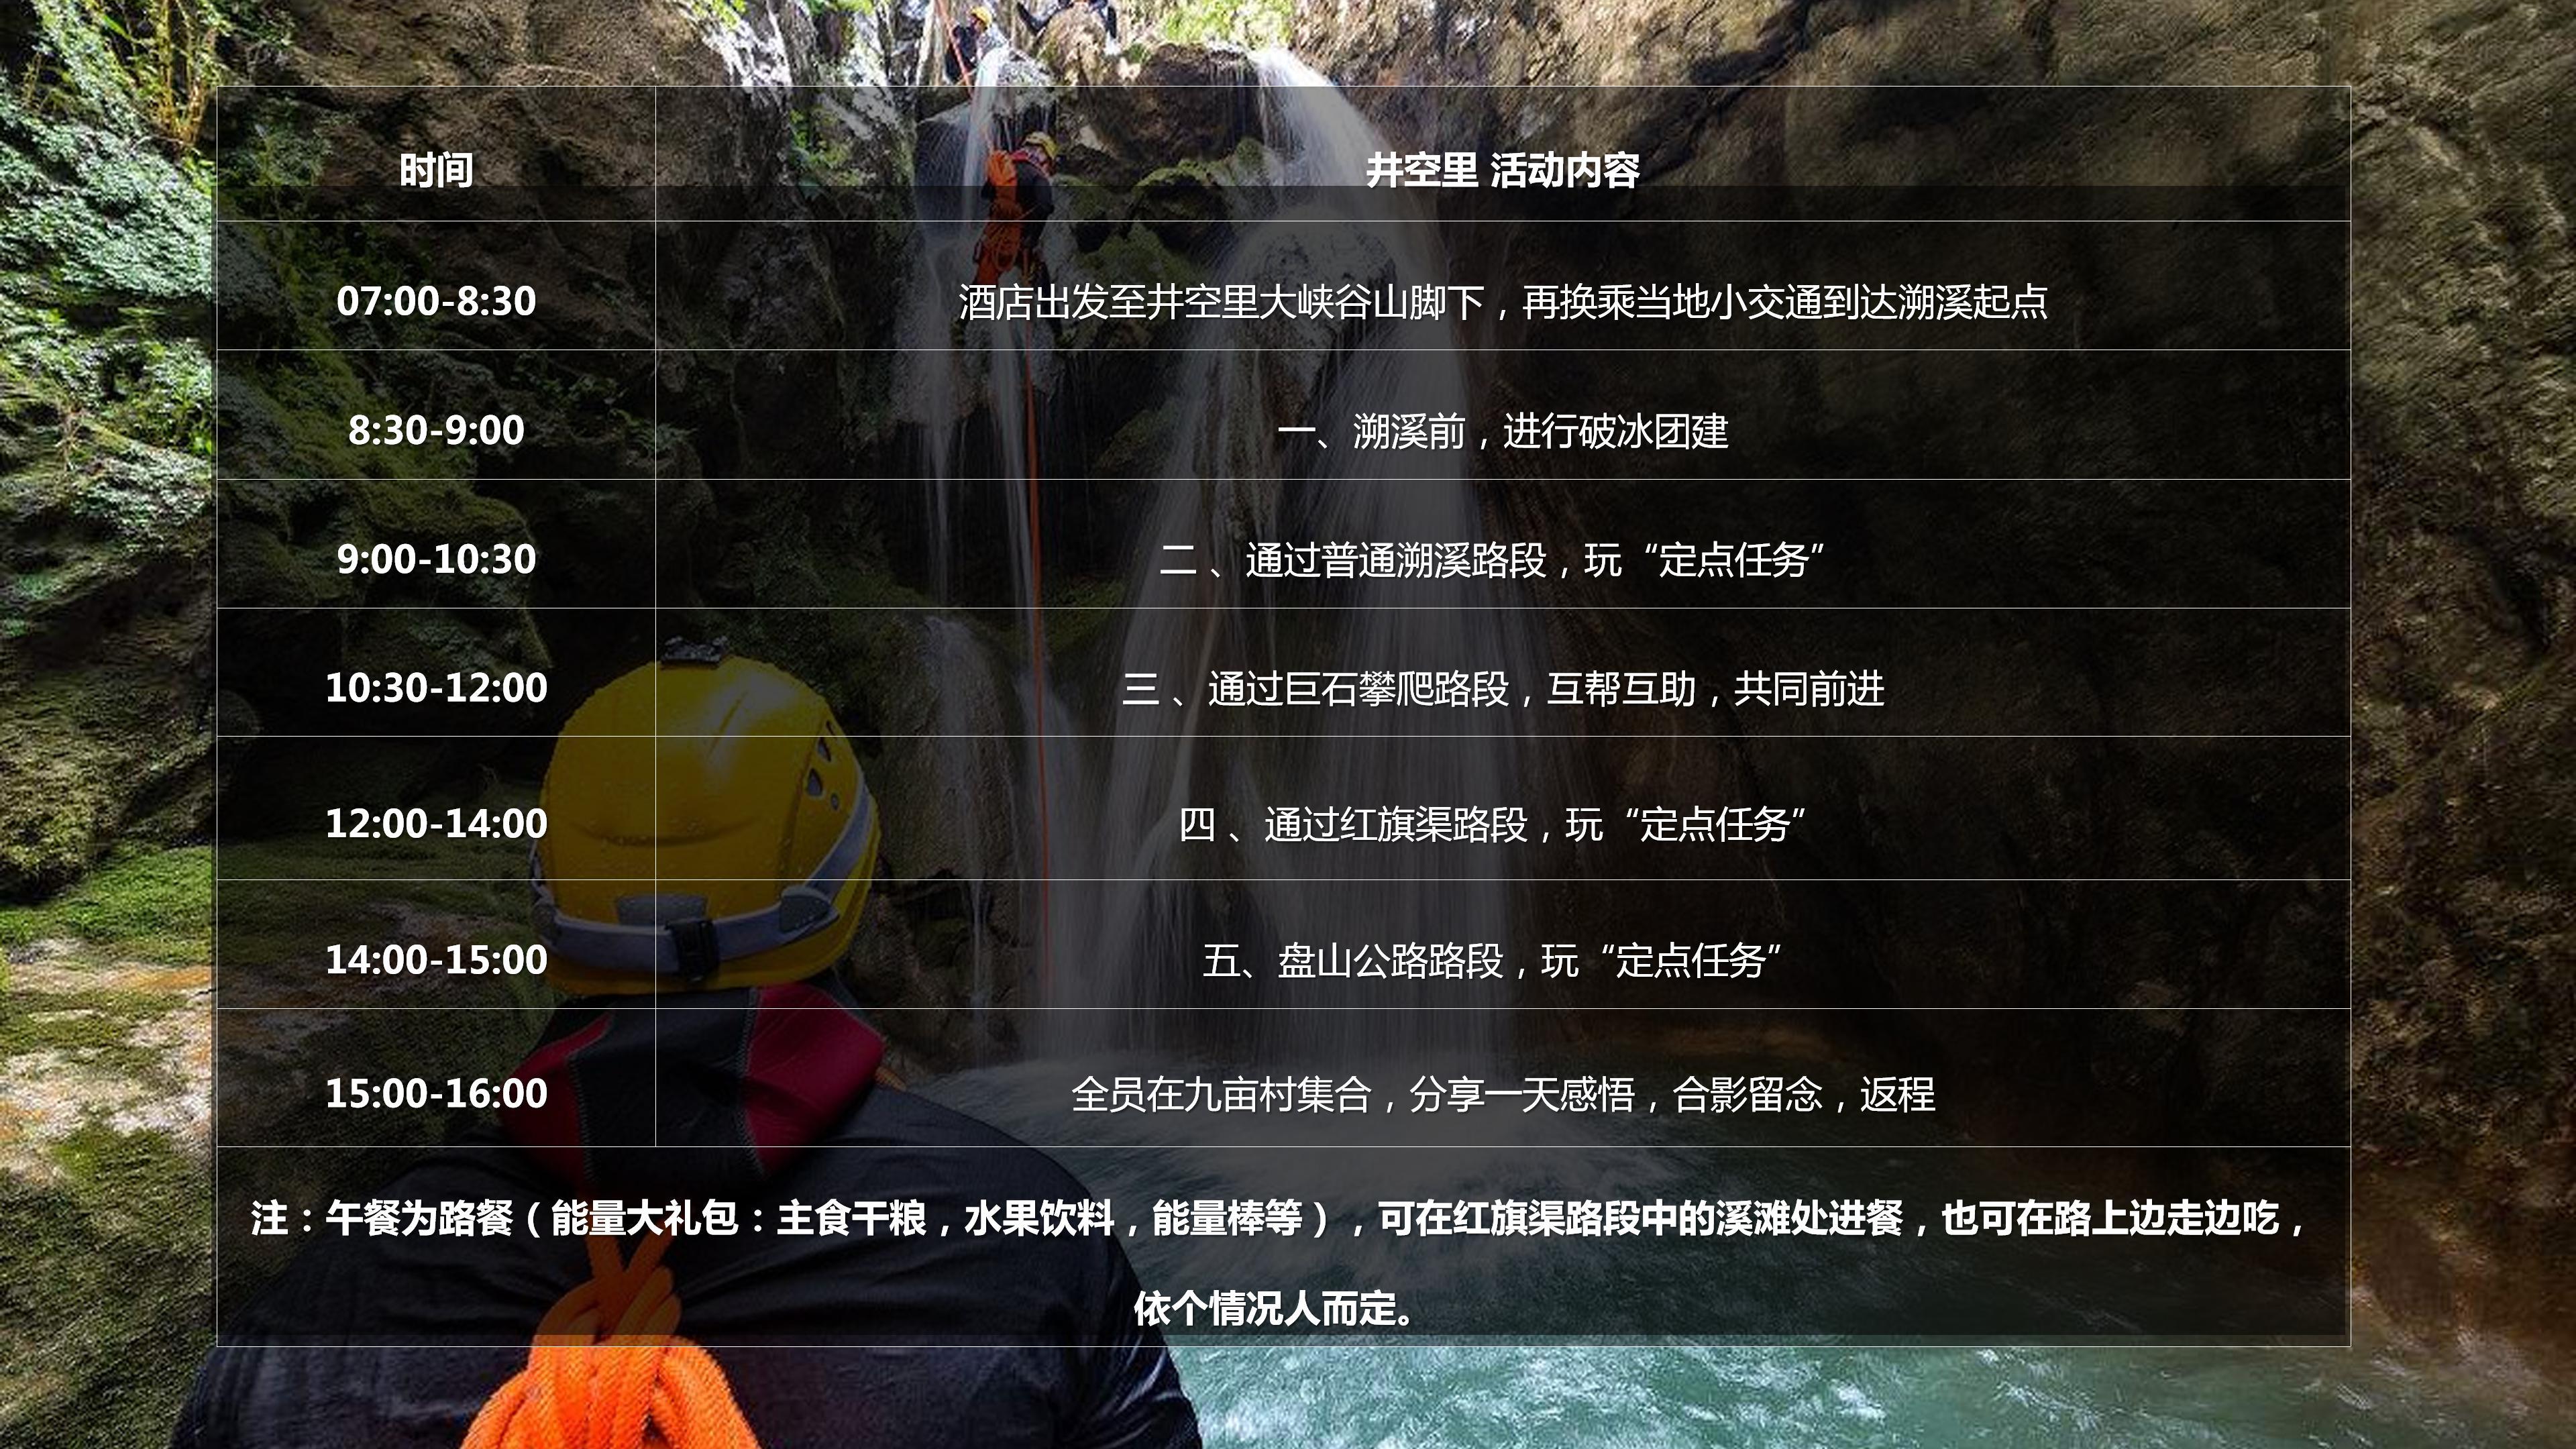 蓉蓉—井空里溯溪活动方案_10